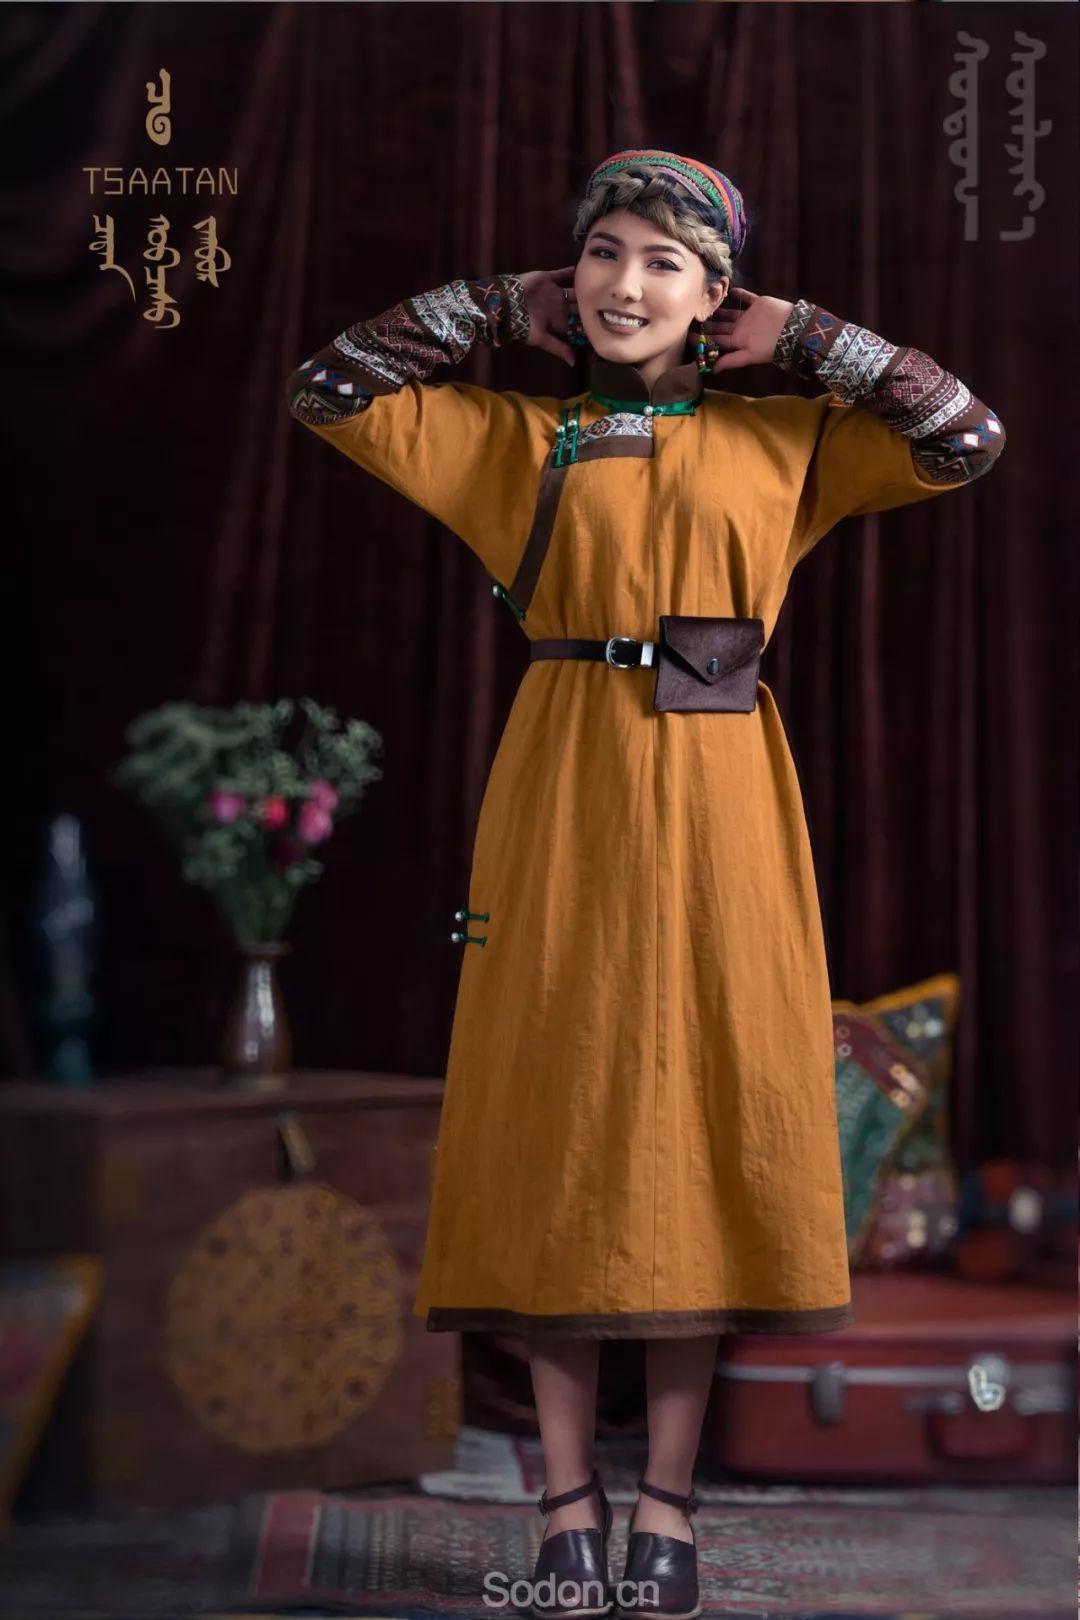 TSAATAN蒙古时装 2019新款,来自驯鹿人的独特魅力! 第53张 TSAATAN蒙古时装 2019新款,来自驯鹿人的独特魅力! 蒙古服饰